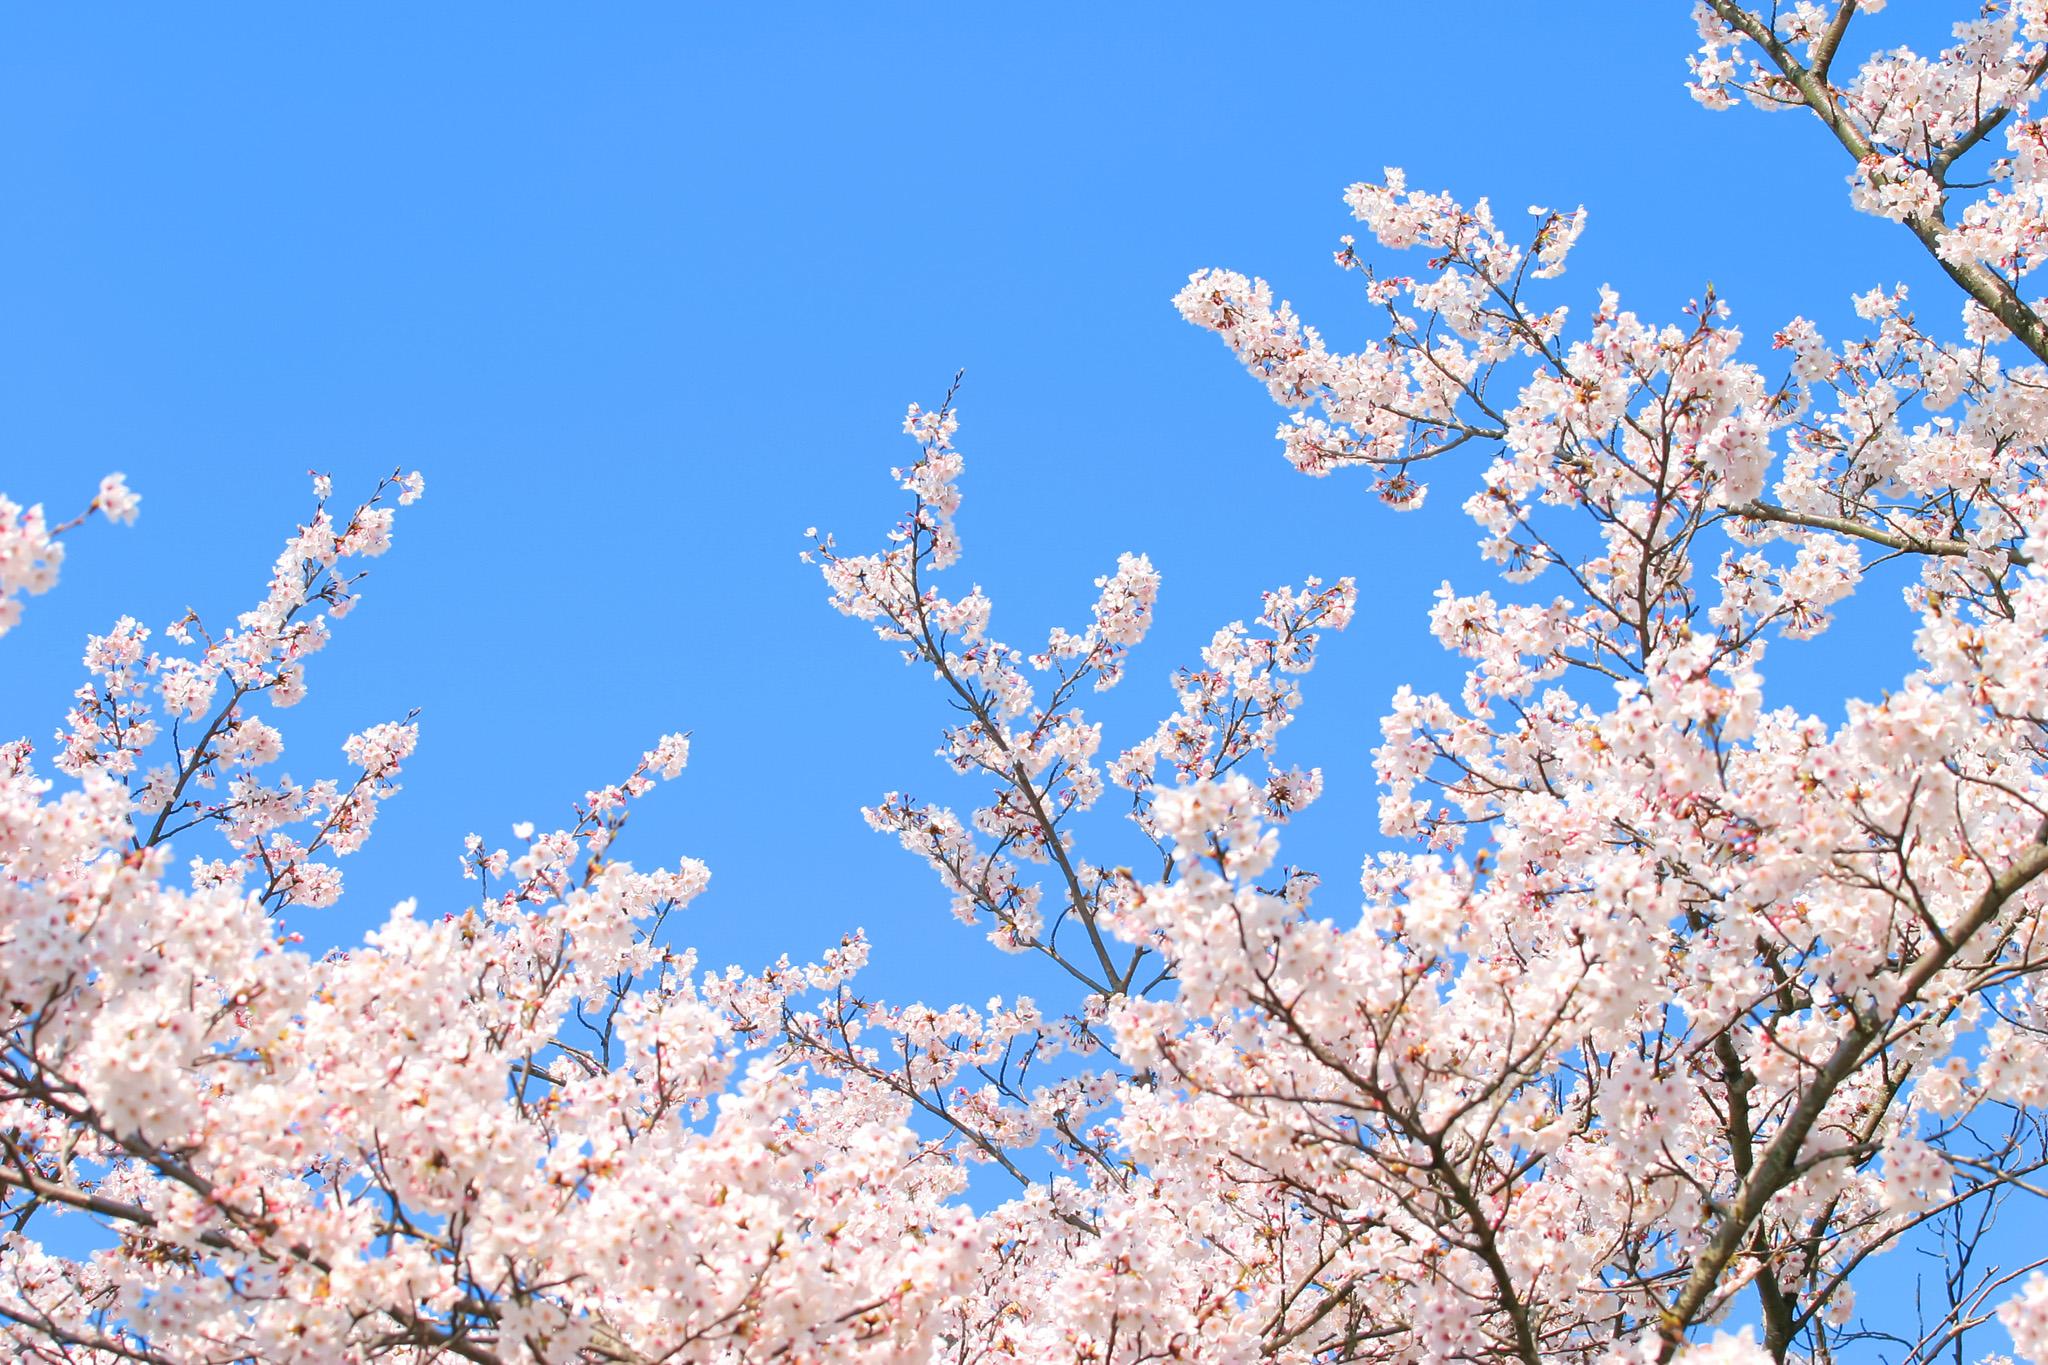 「桜の木」